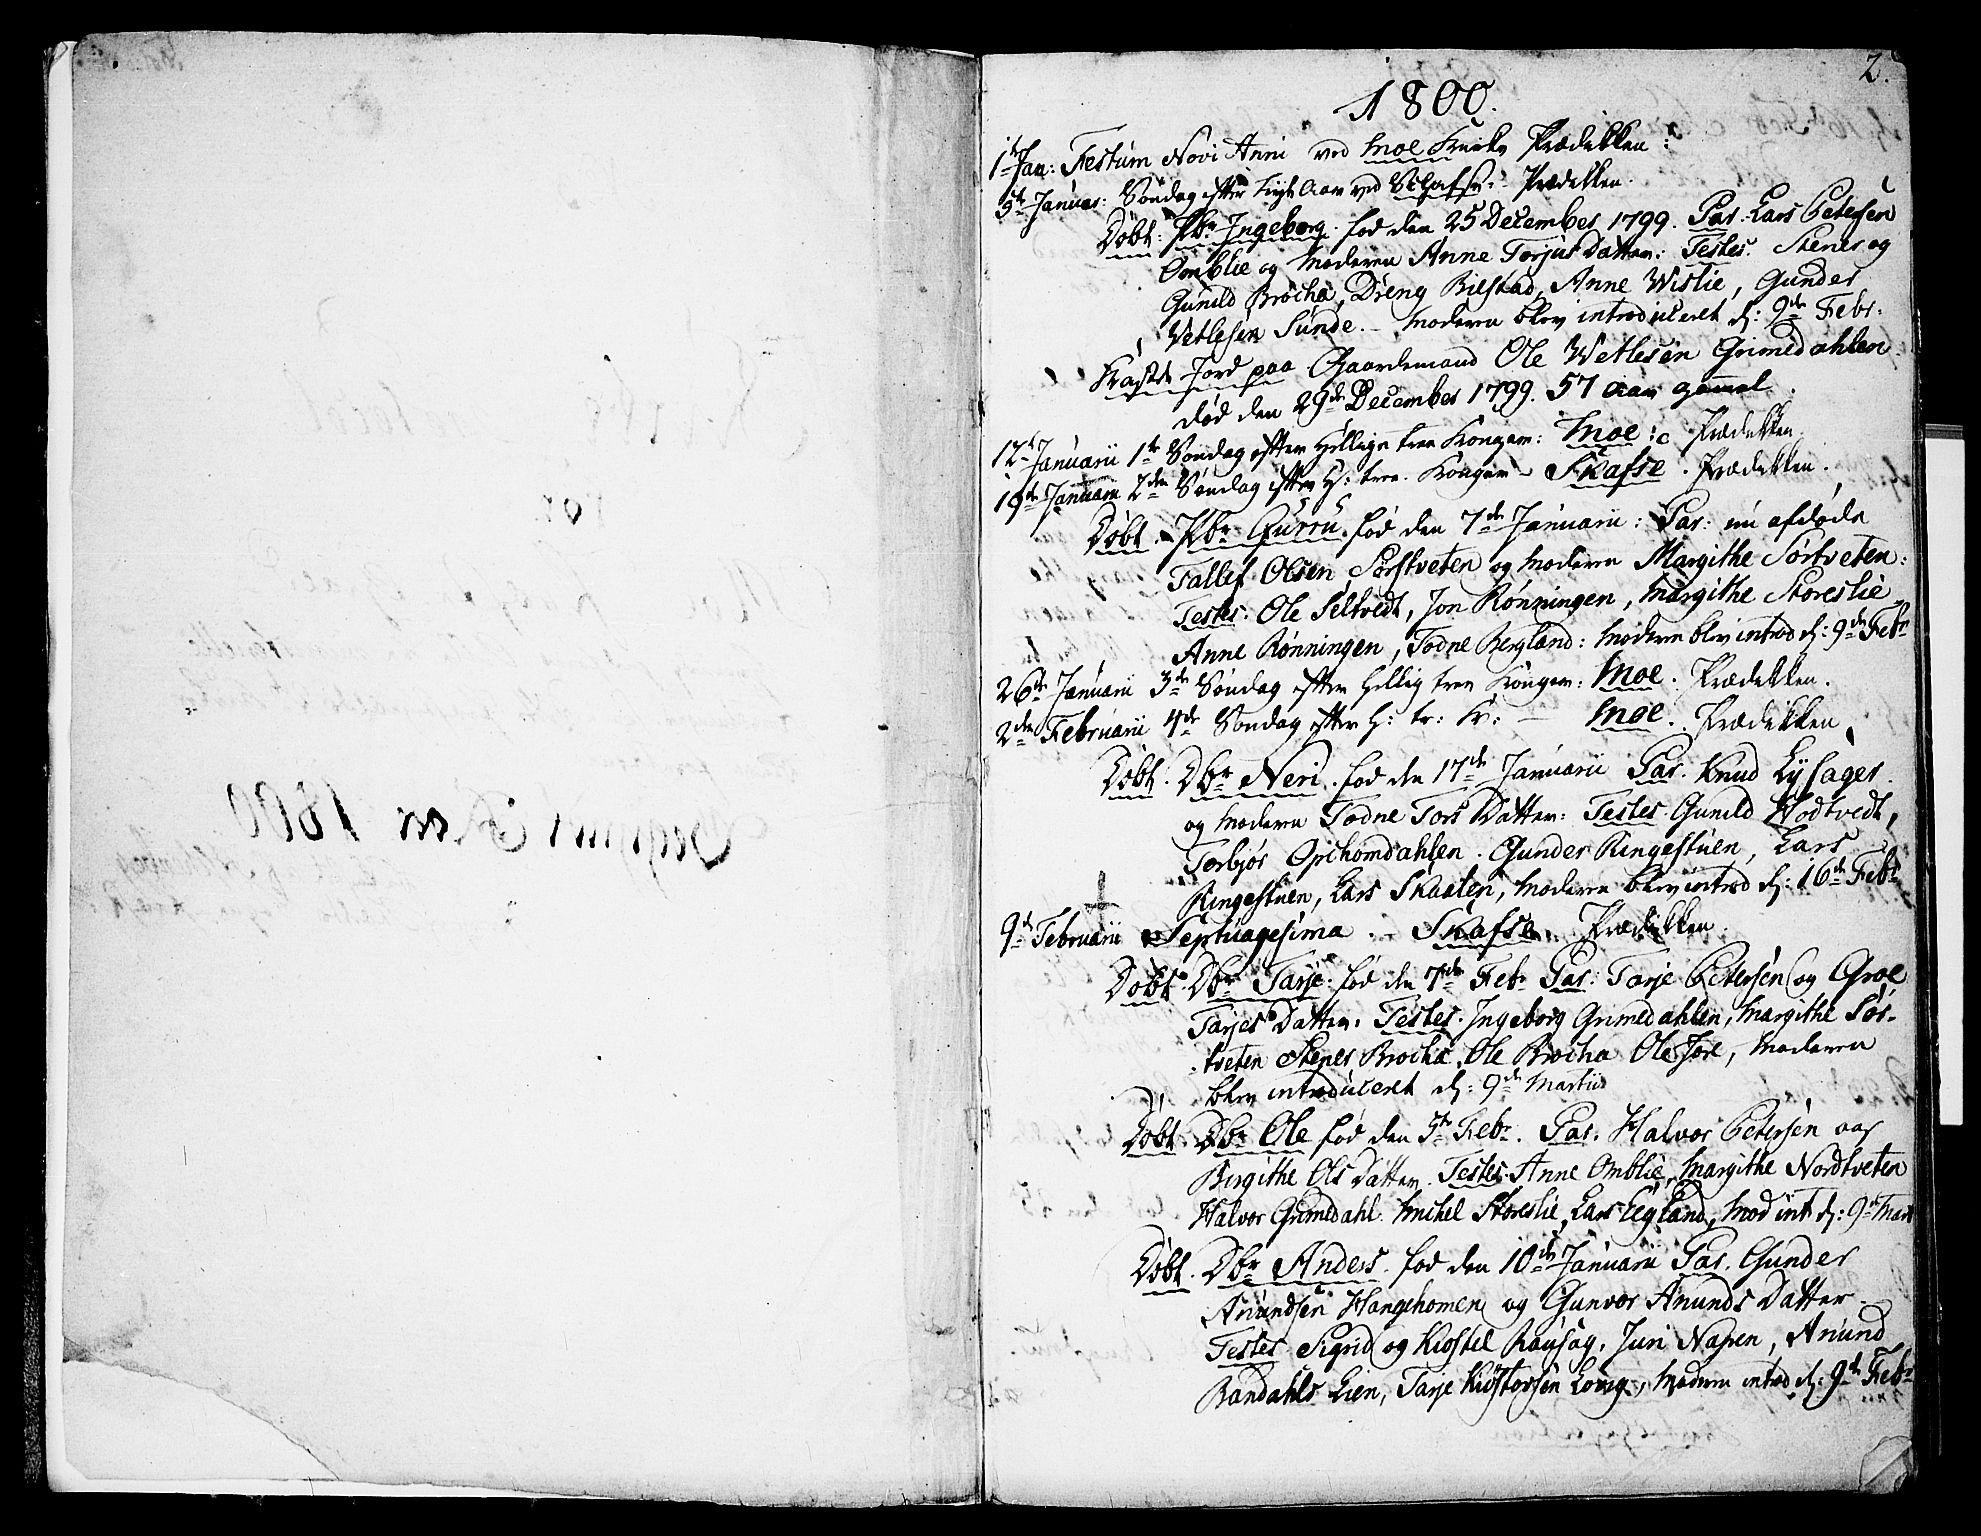 SAKO, Mo kirkebøker, F/Fa/L0003: Ministerialbok nr. I 3, 1800-1814, s. 2